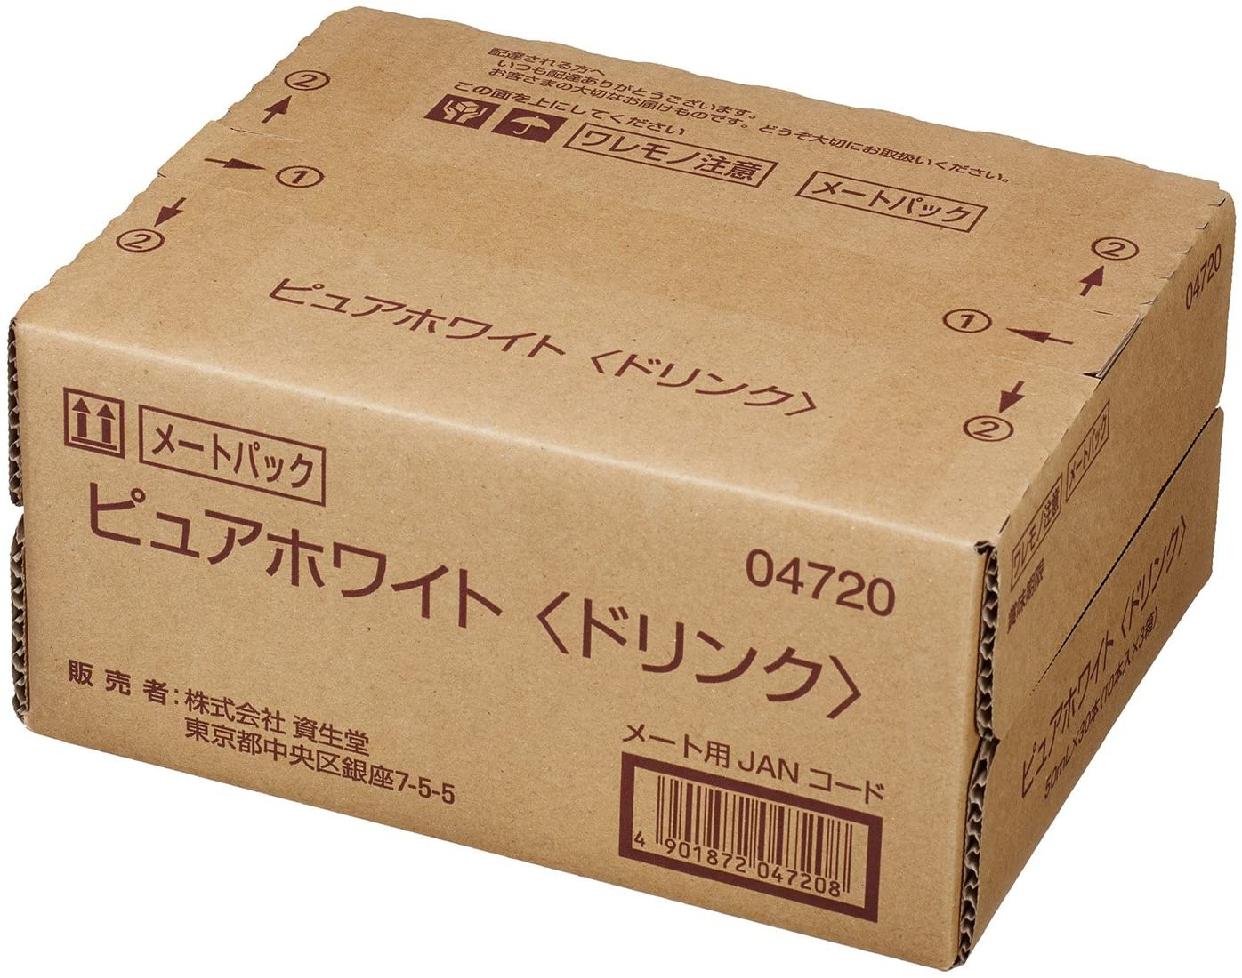 資生堂(SHISEIDO) ピュアホワイトの商品画像6